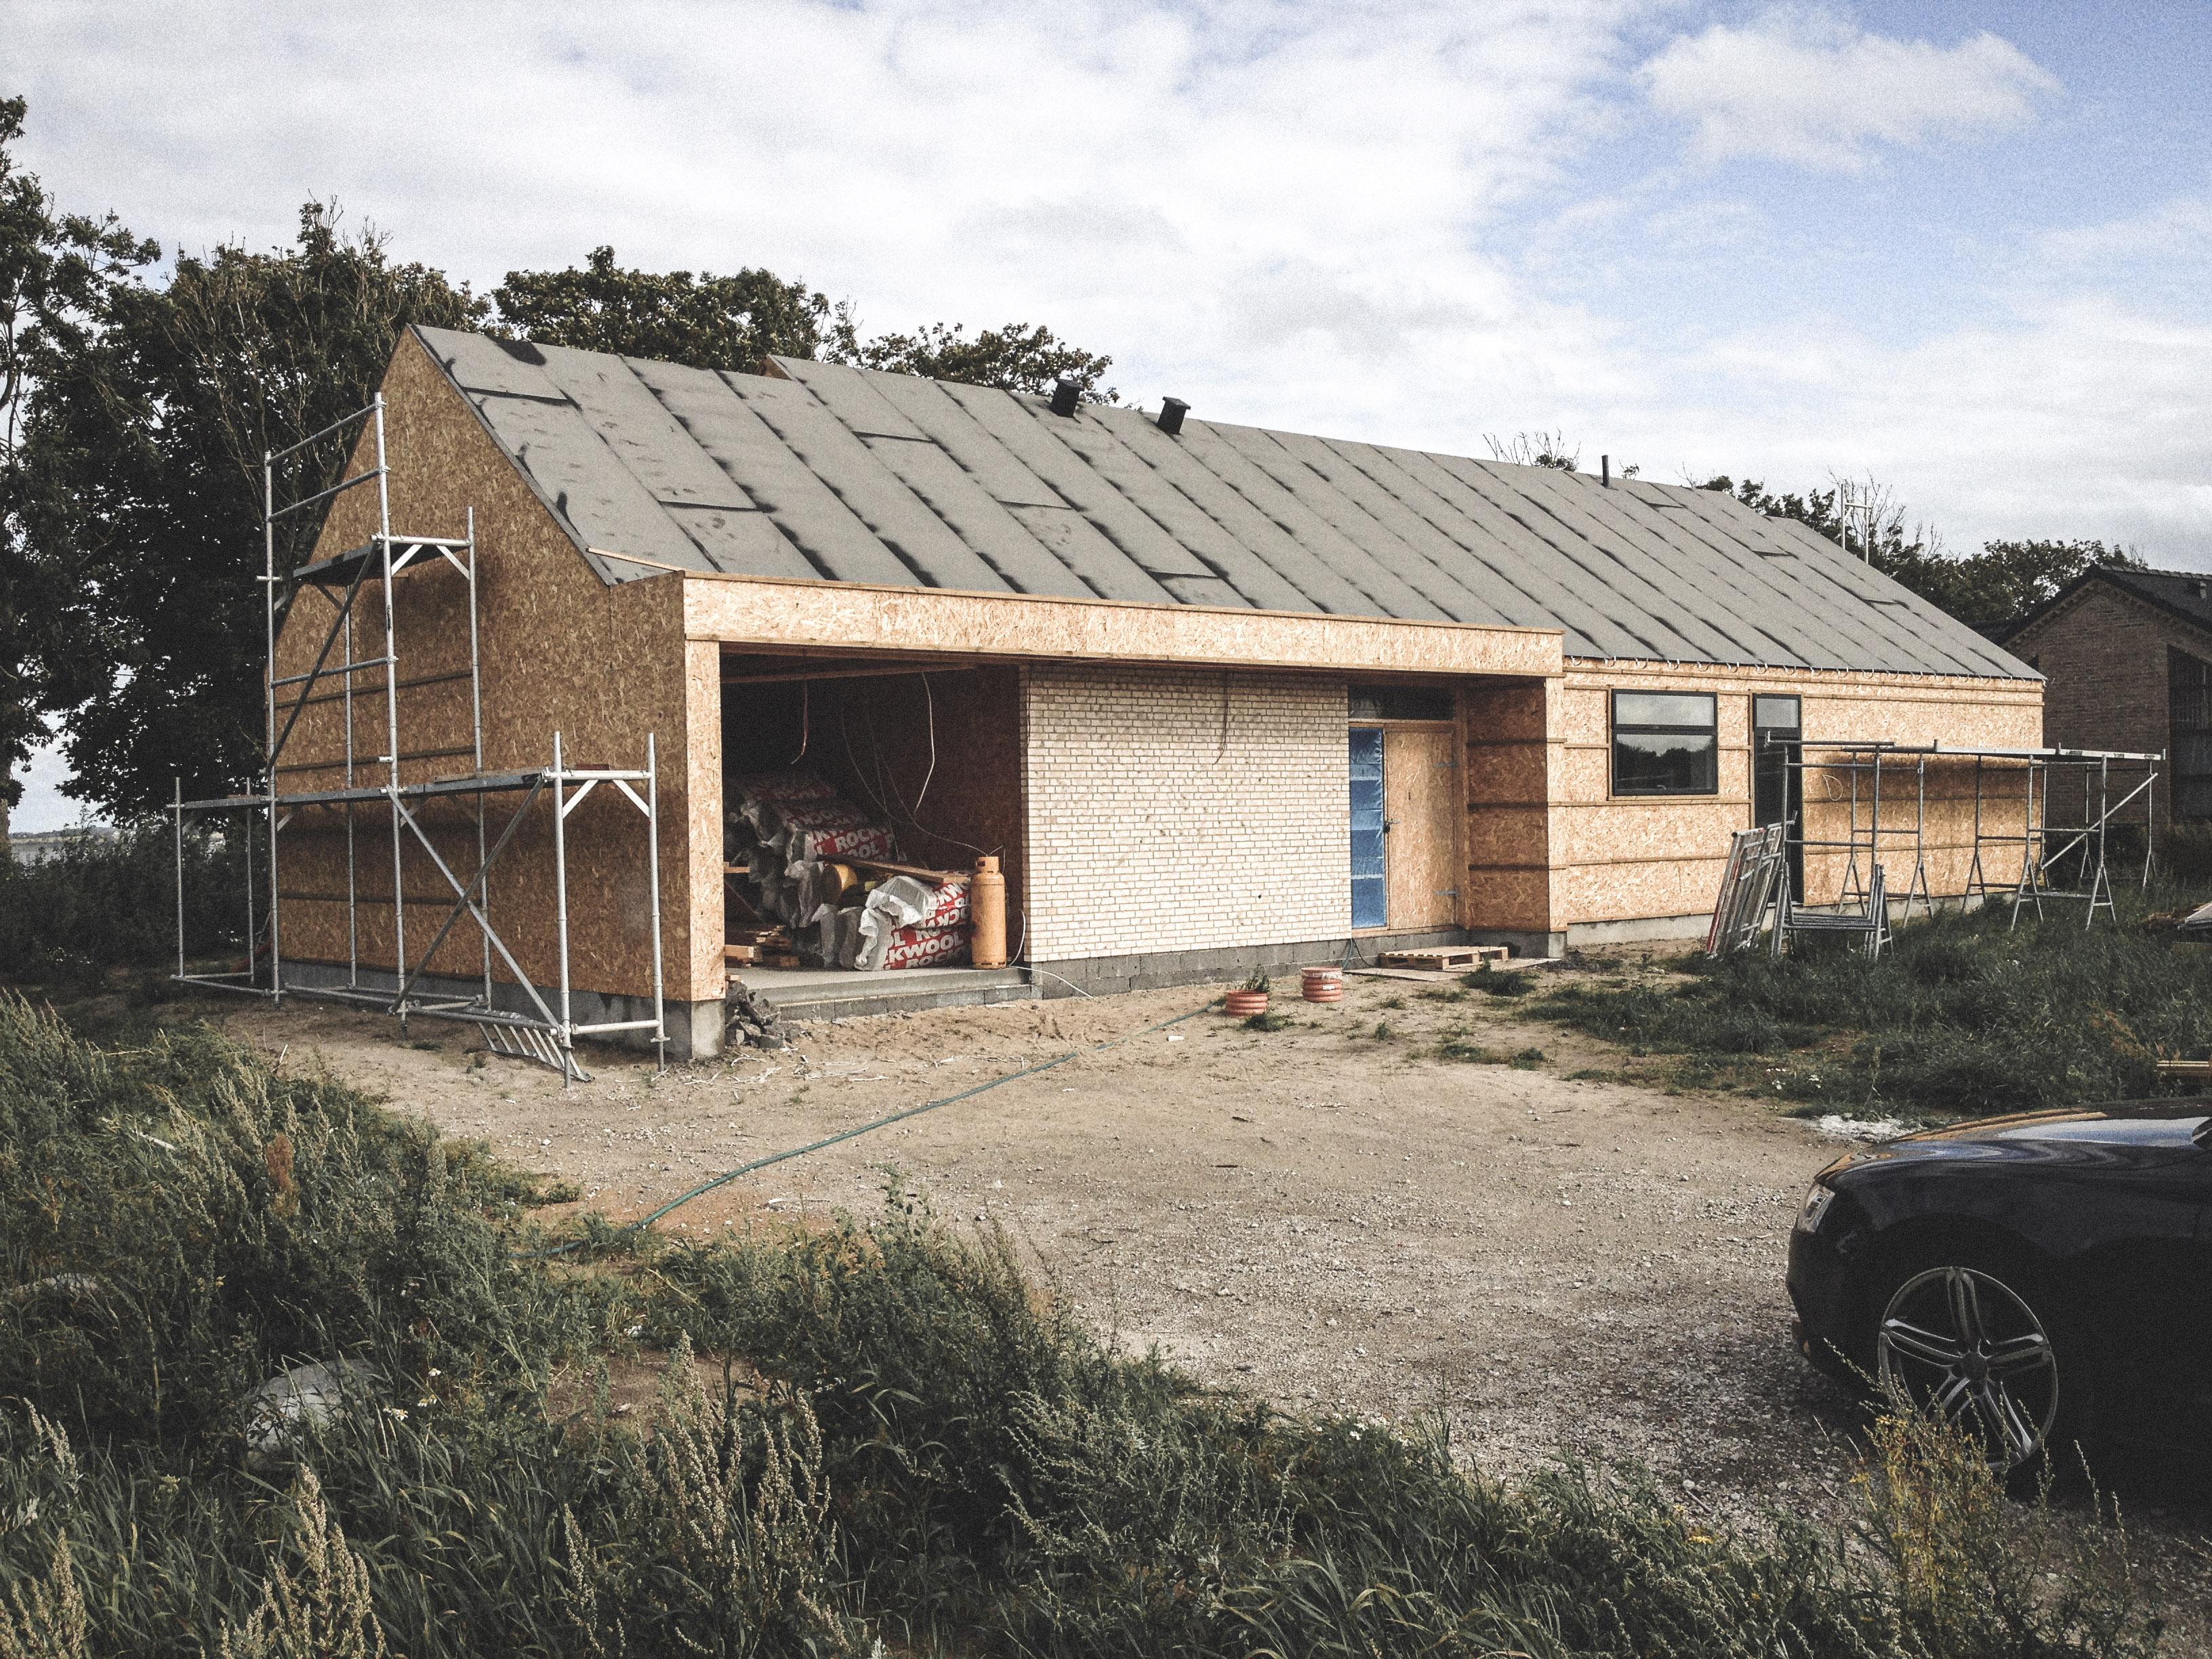 Billede af et igangværende byggeri i Valsted ved Aalborg, tegnet af arkitektfirmaet m2plus.